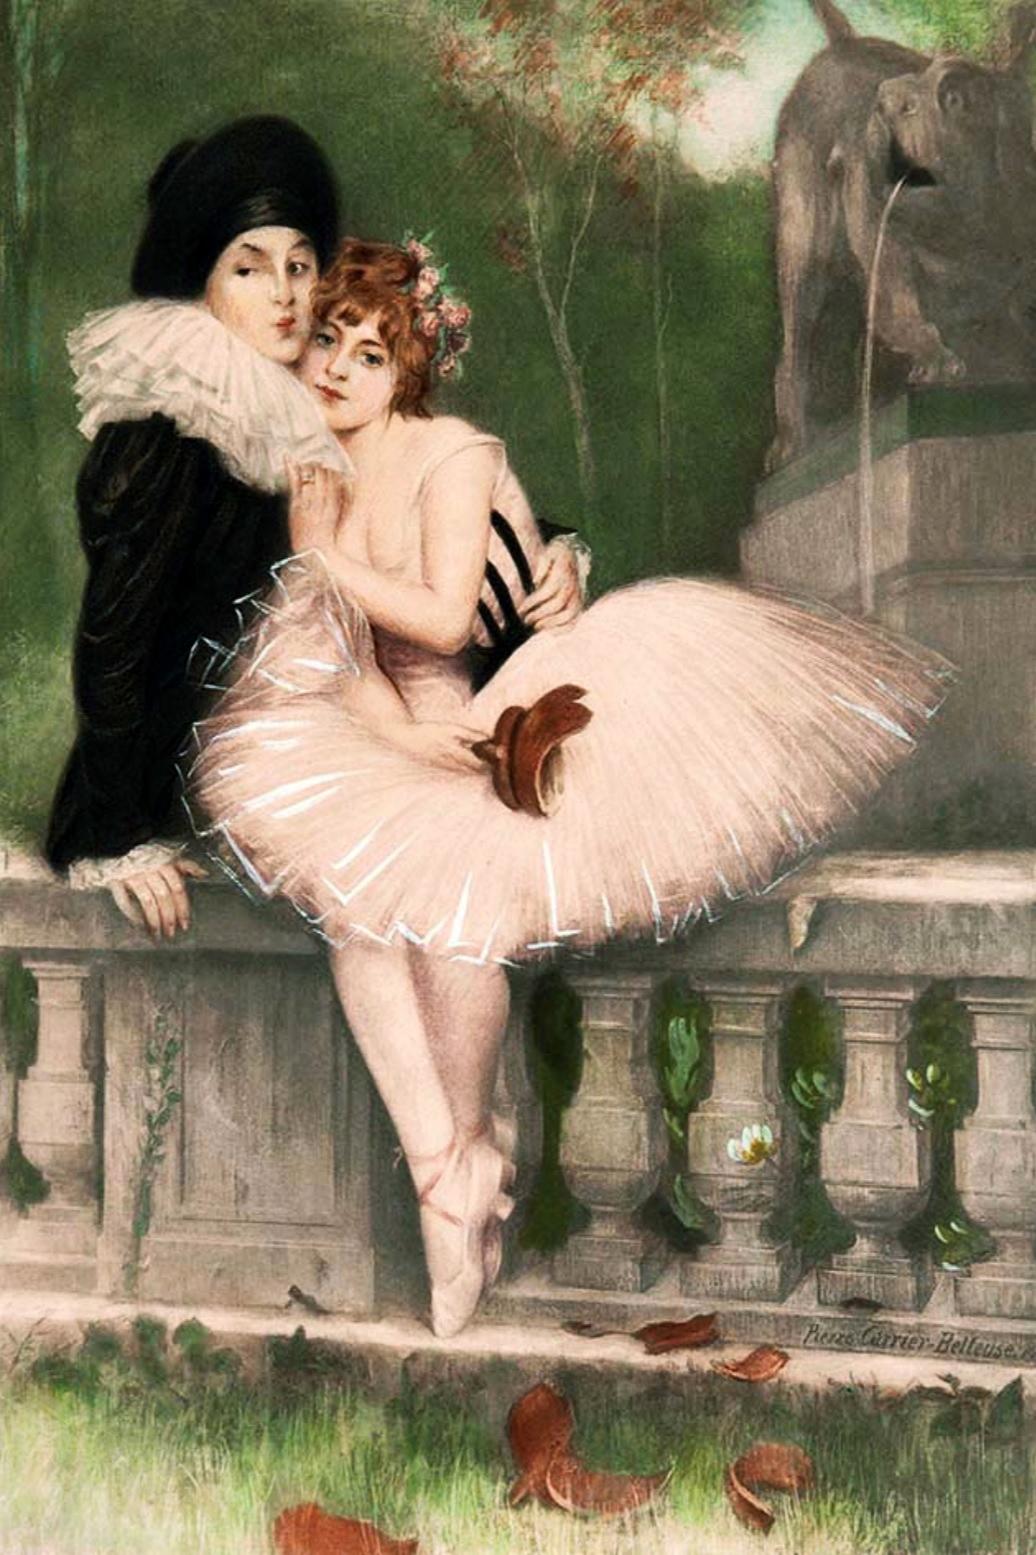 Pierre Carrier-Belleuse 1901 Pierrot et colombine